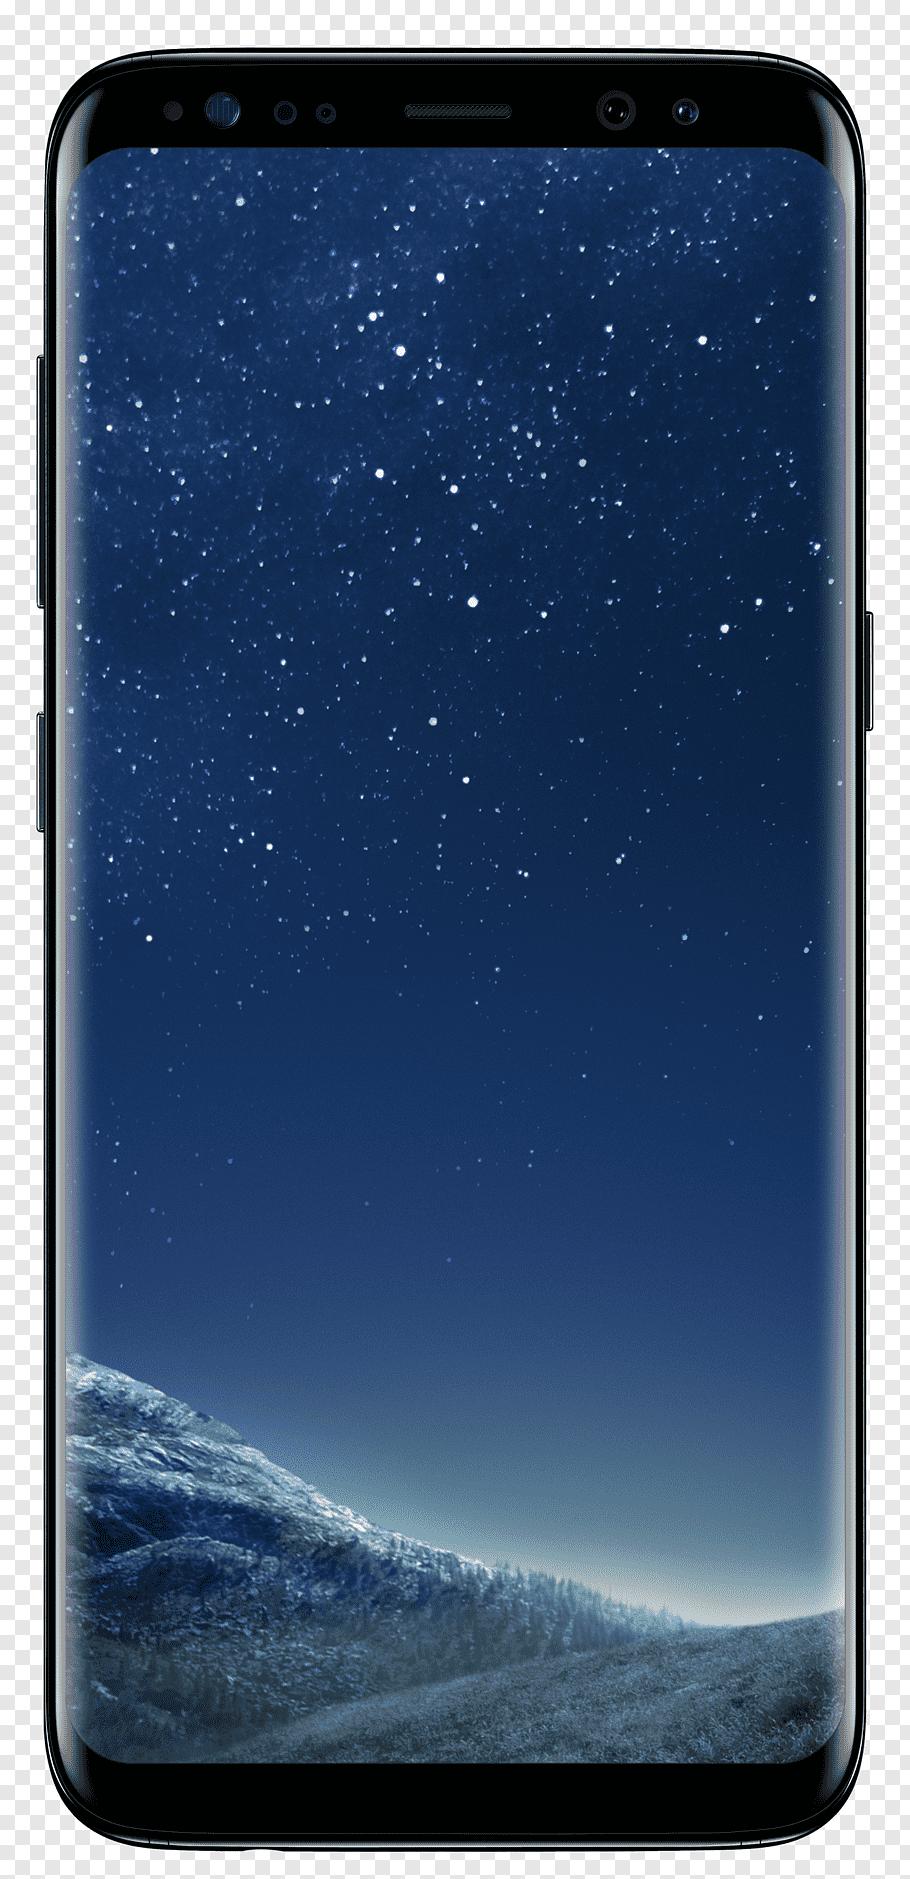 Midnight black Samsung Galaxy S8, Samsung Galaxy S Plus.